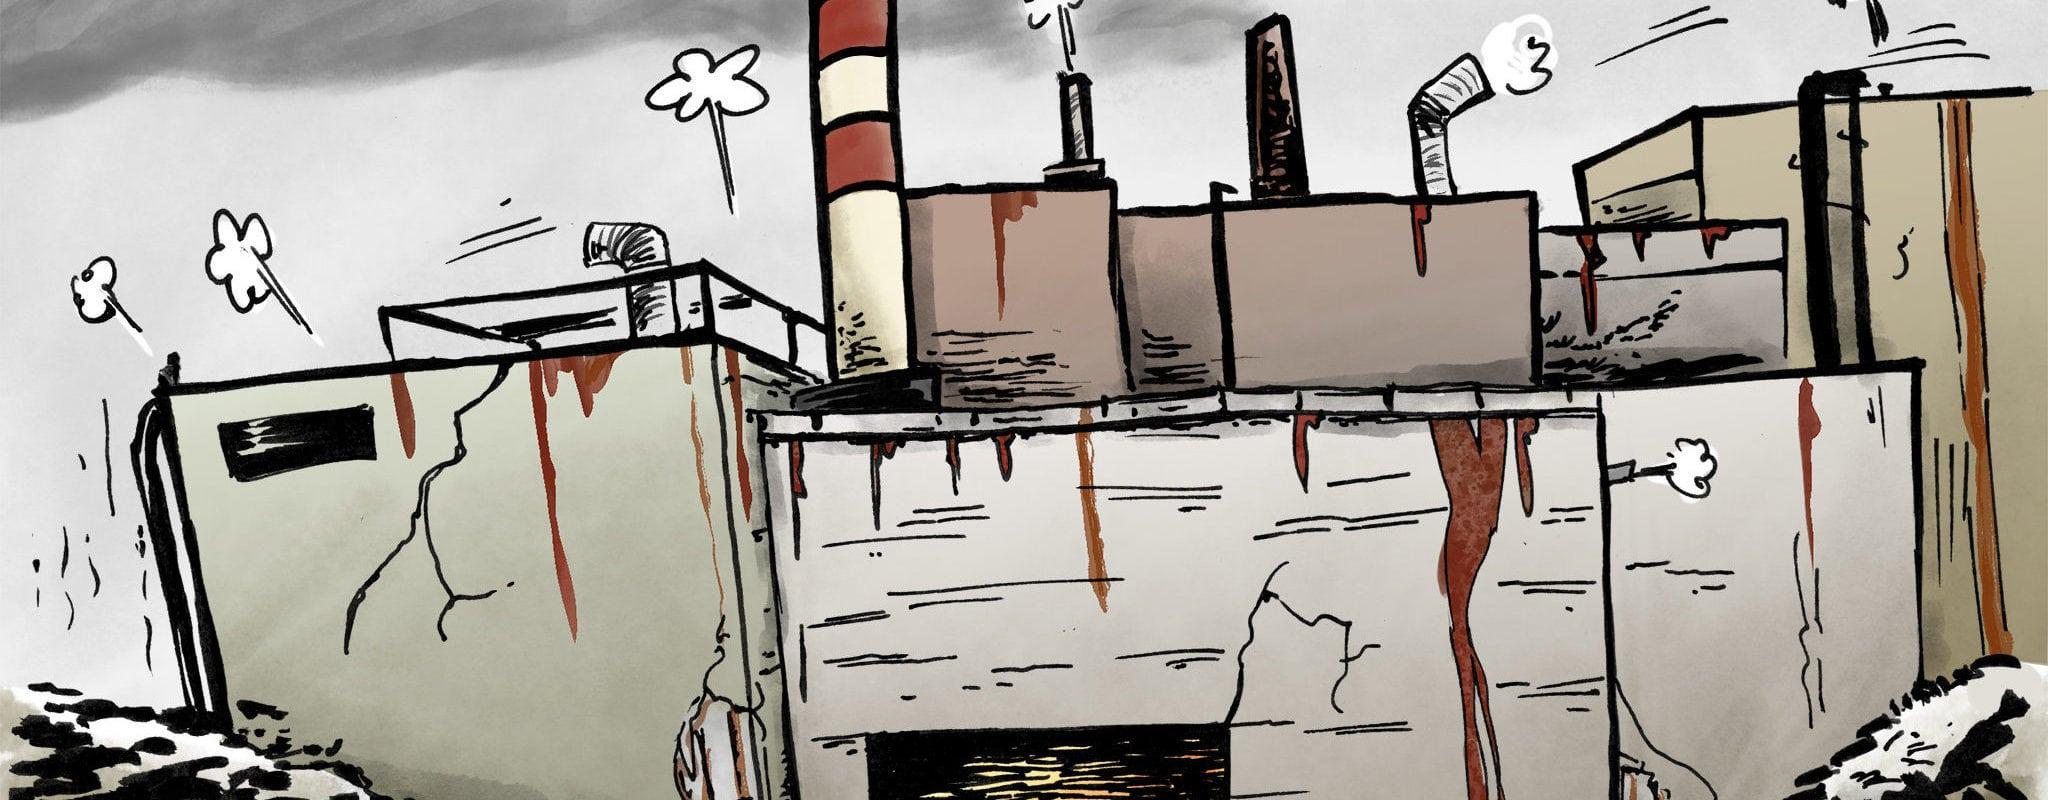 L'incinérateur Sénerval, le dossier chaud de l'agglo